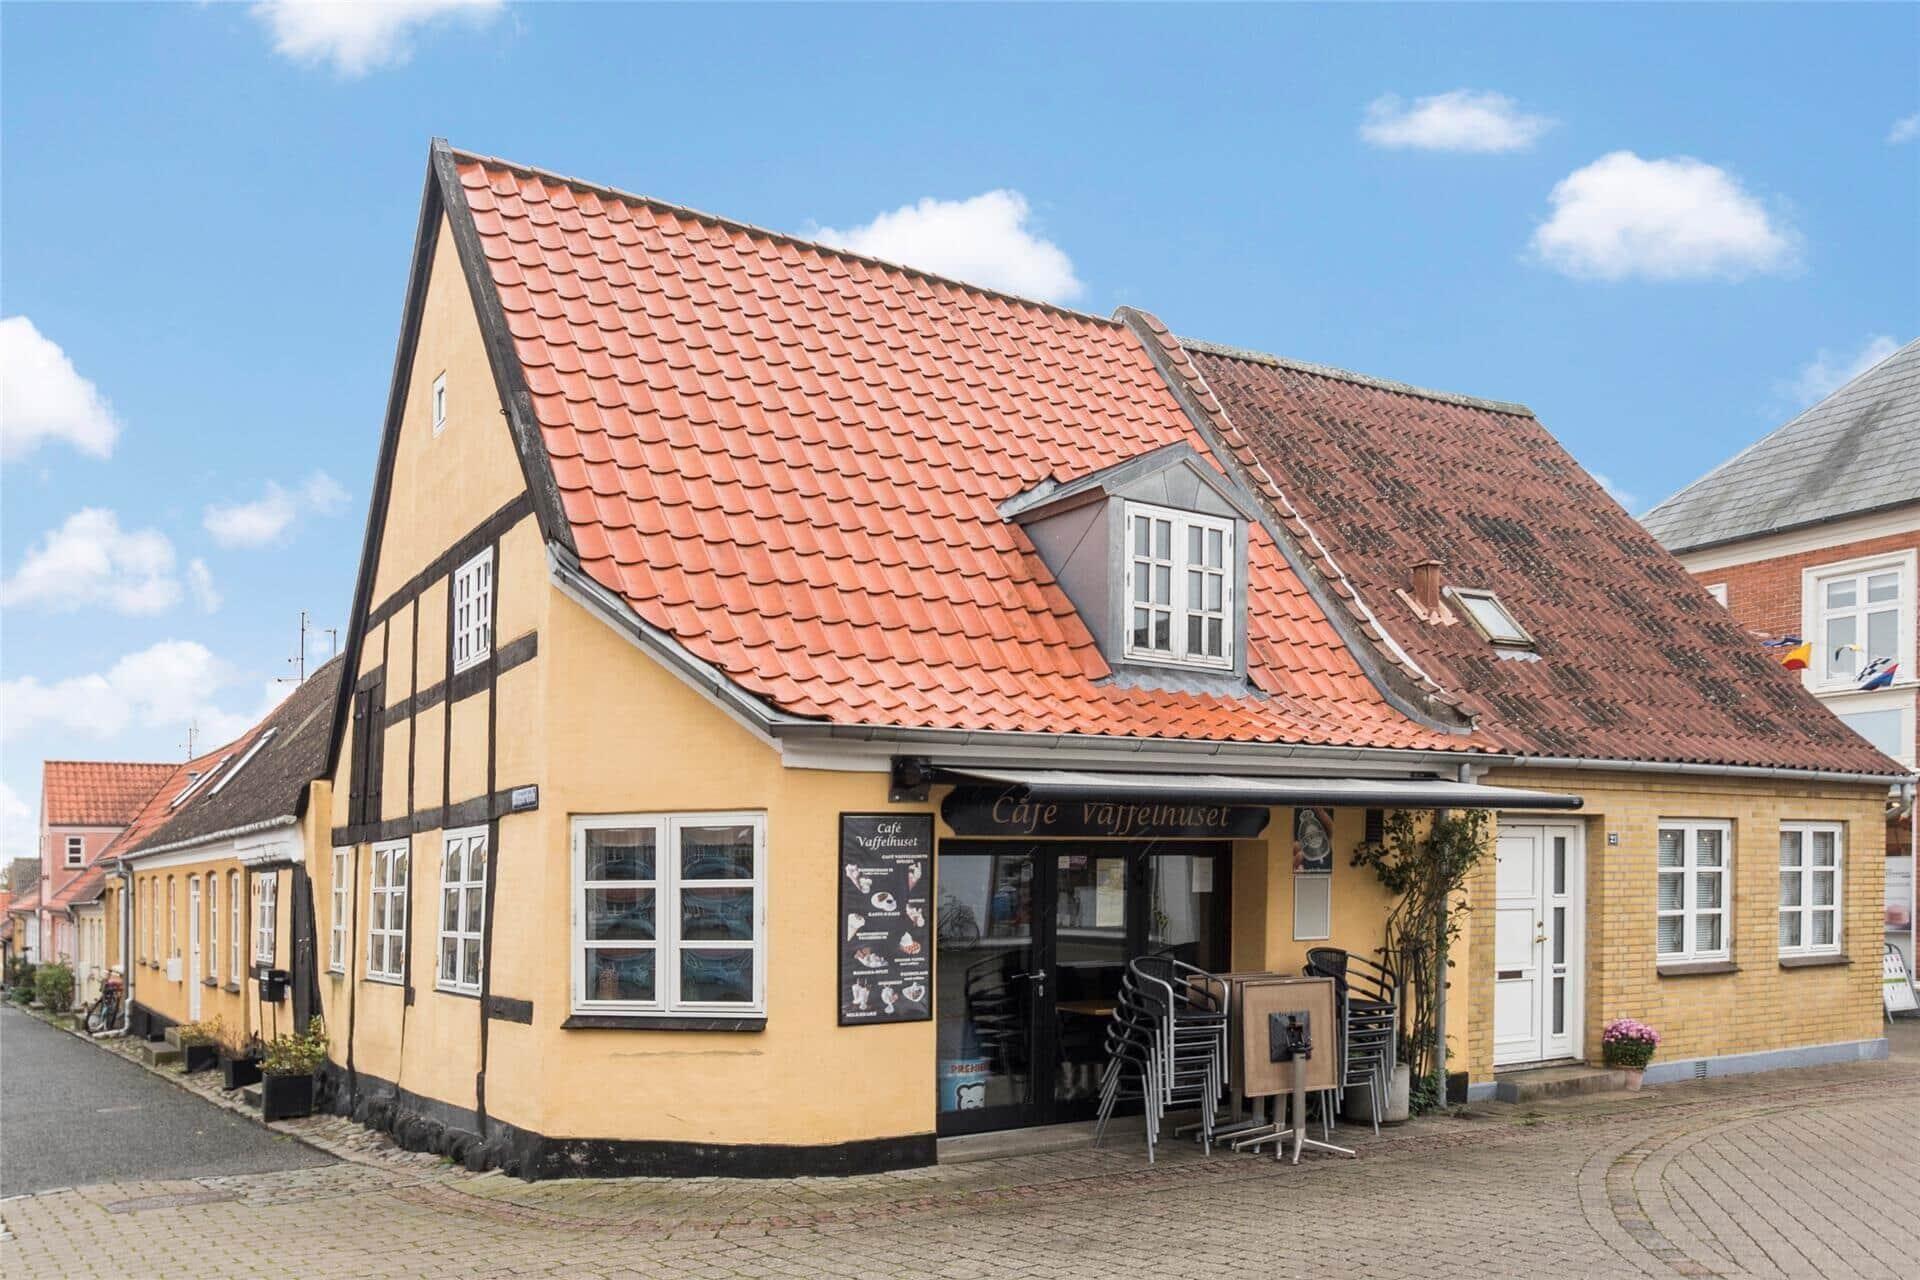 Billede 1-3 Sommerhus M70126, Kirkestræde 19, DK - 5960 Marstal